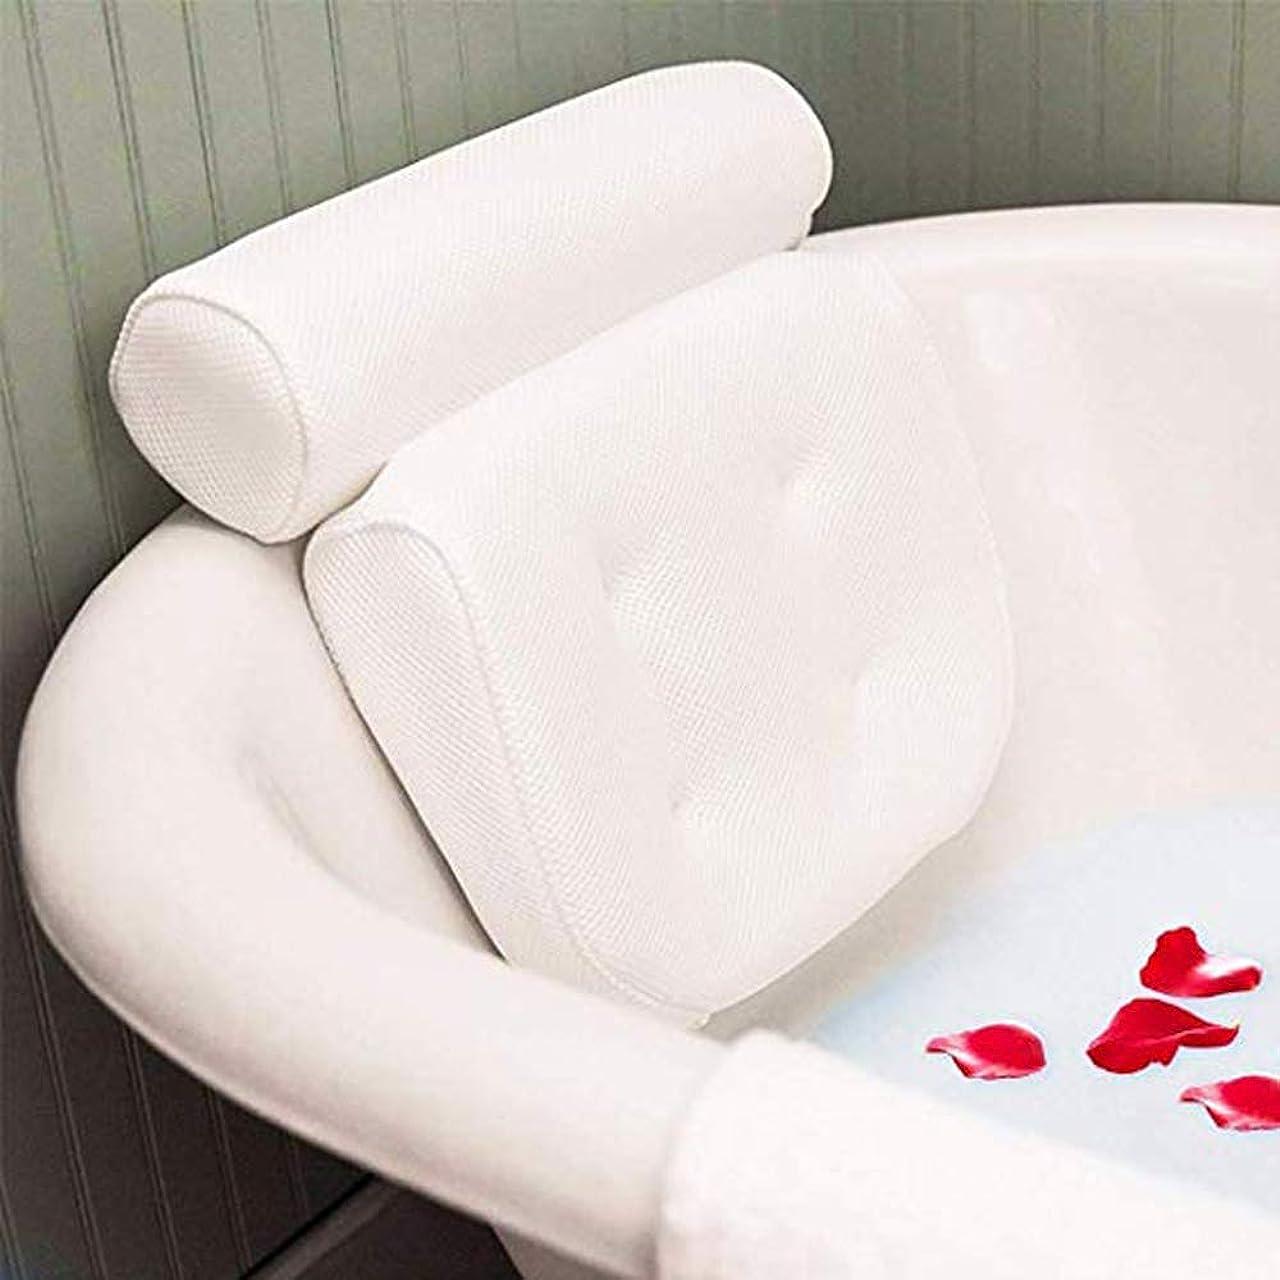 メタンセッティング方向頭、首、肩と背中のサポートが付いている浴槽スパ枕、滑り止め4大型サクションカップはどんな浴槽にもフィットし、抗菌性です。,White